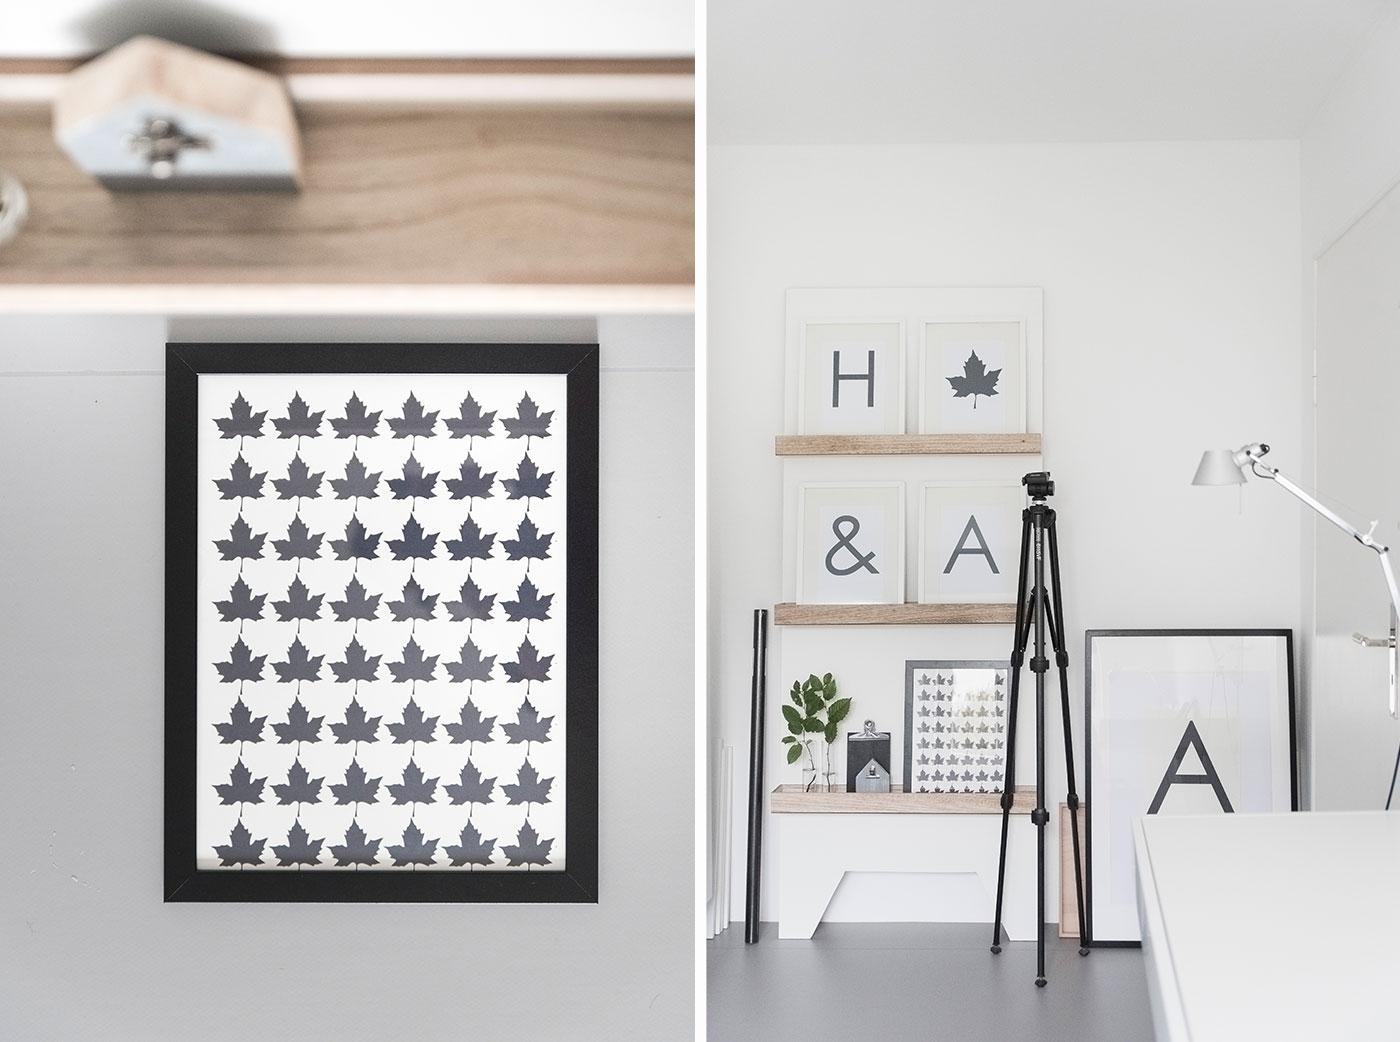 mobile bilderwand mit bildern dekorieren sch n bei dir by depot. Black Bedroom Furniture Sets. Home Design Ideas